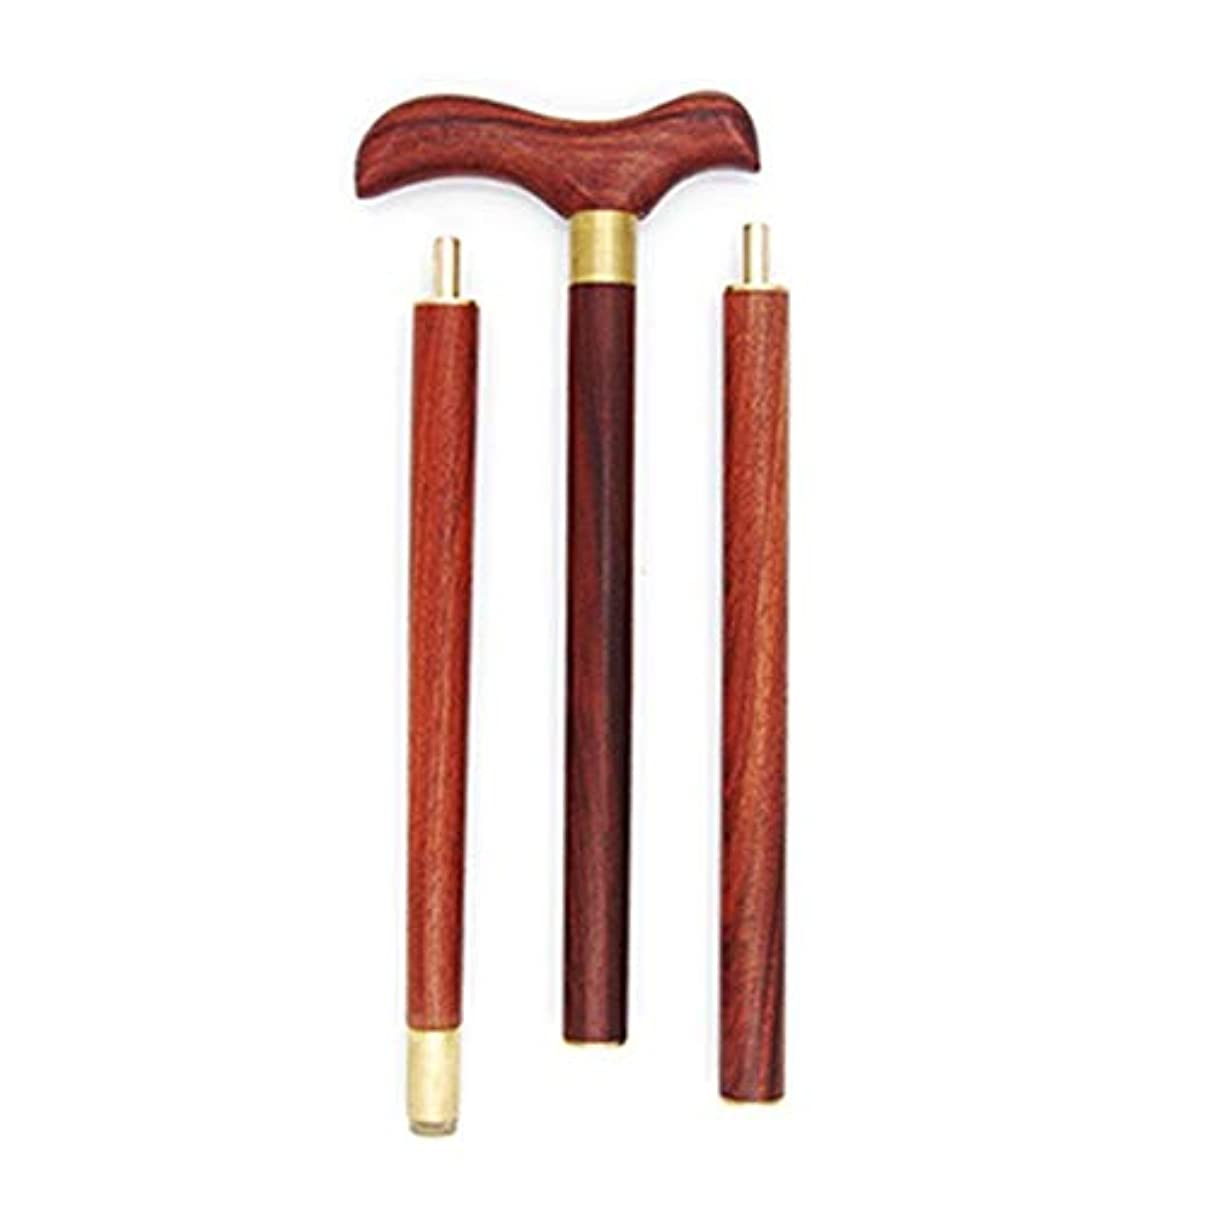 閃光大騒ぎ受信機LIULIFE木製杖高齢者用軽量折りたたみ式松葉杖アンチスキッドスティックポータブルウッドスティック、赤